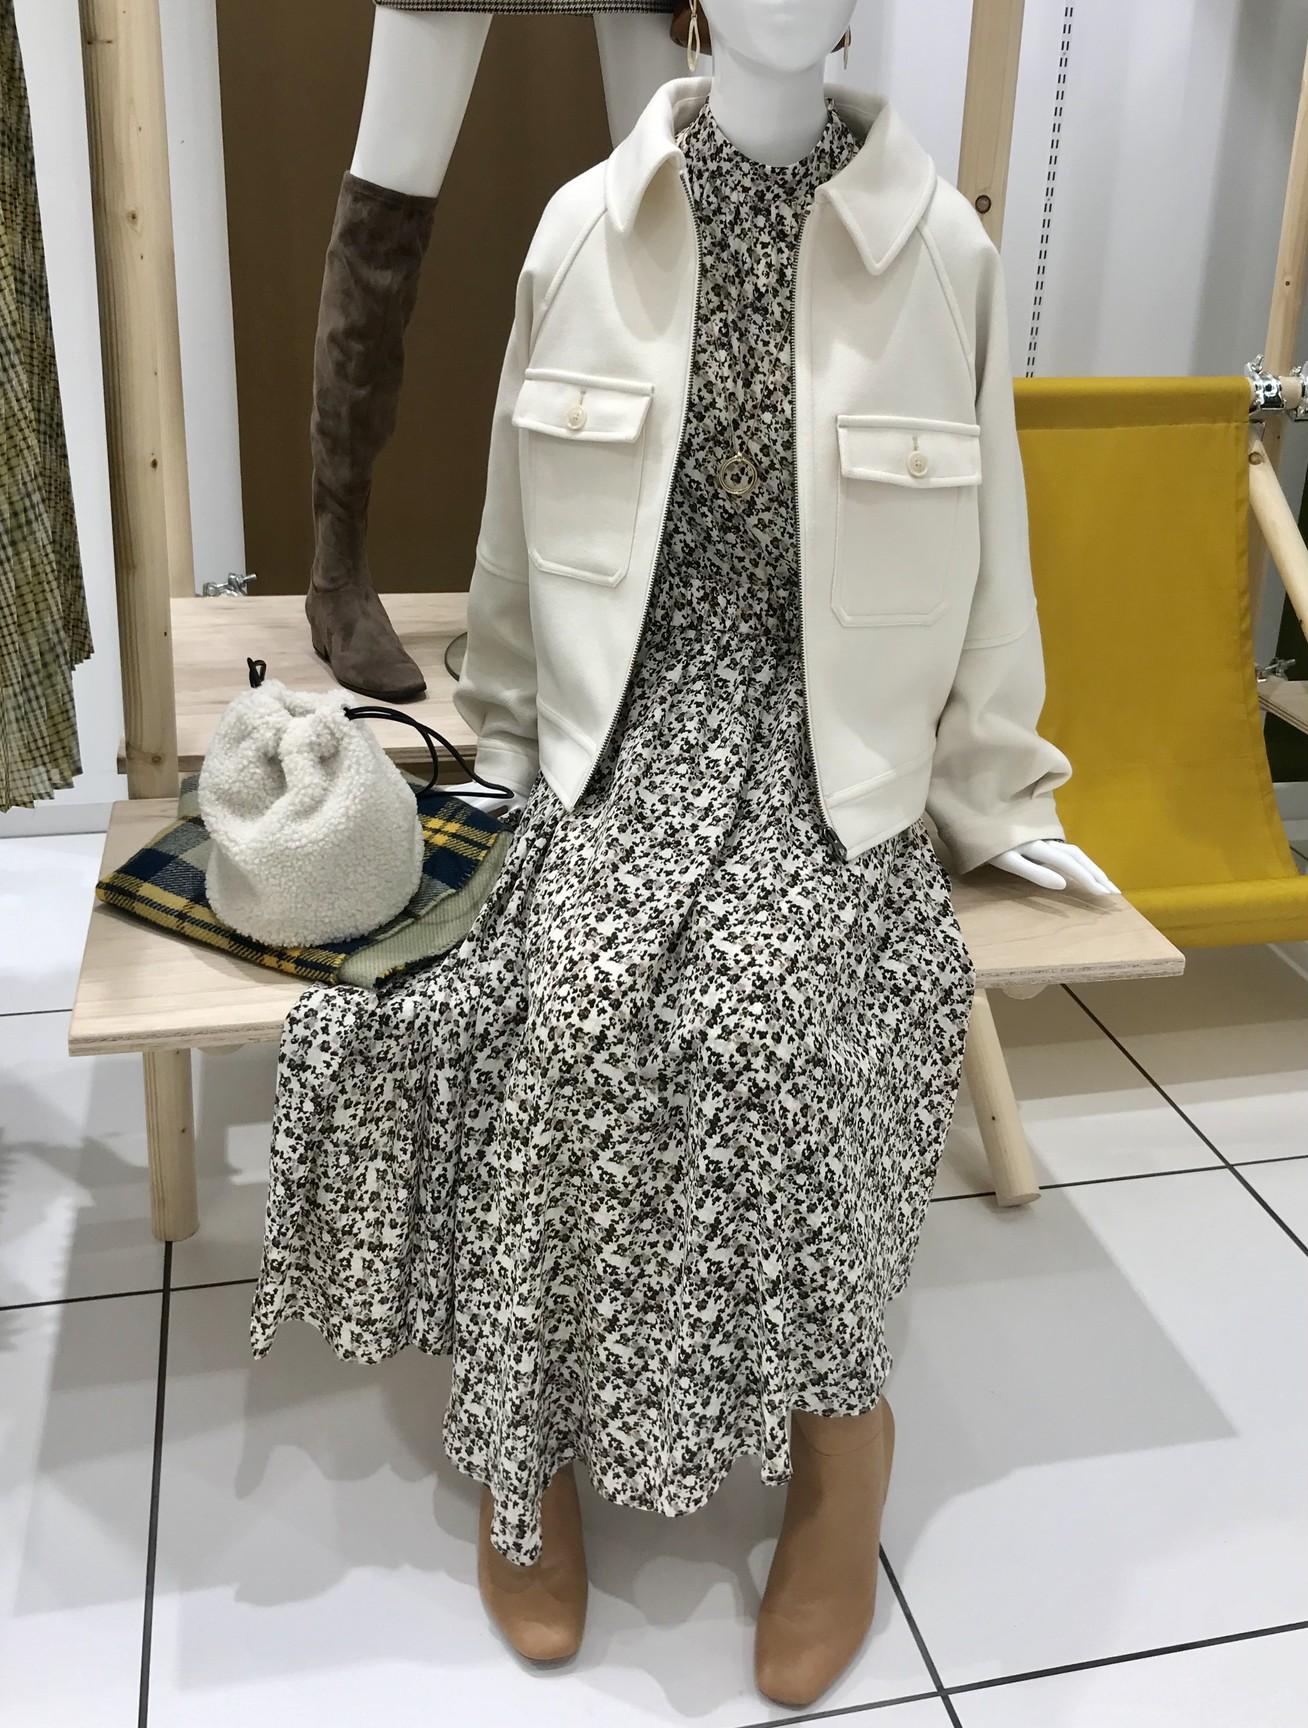 2019秋→冬は中間ライトアウターを買え【GU(ジーユー)】のCPOジャケットで30代女子があか抜けるコーデのコツ_3_1